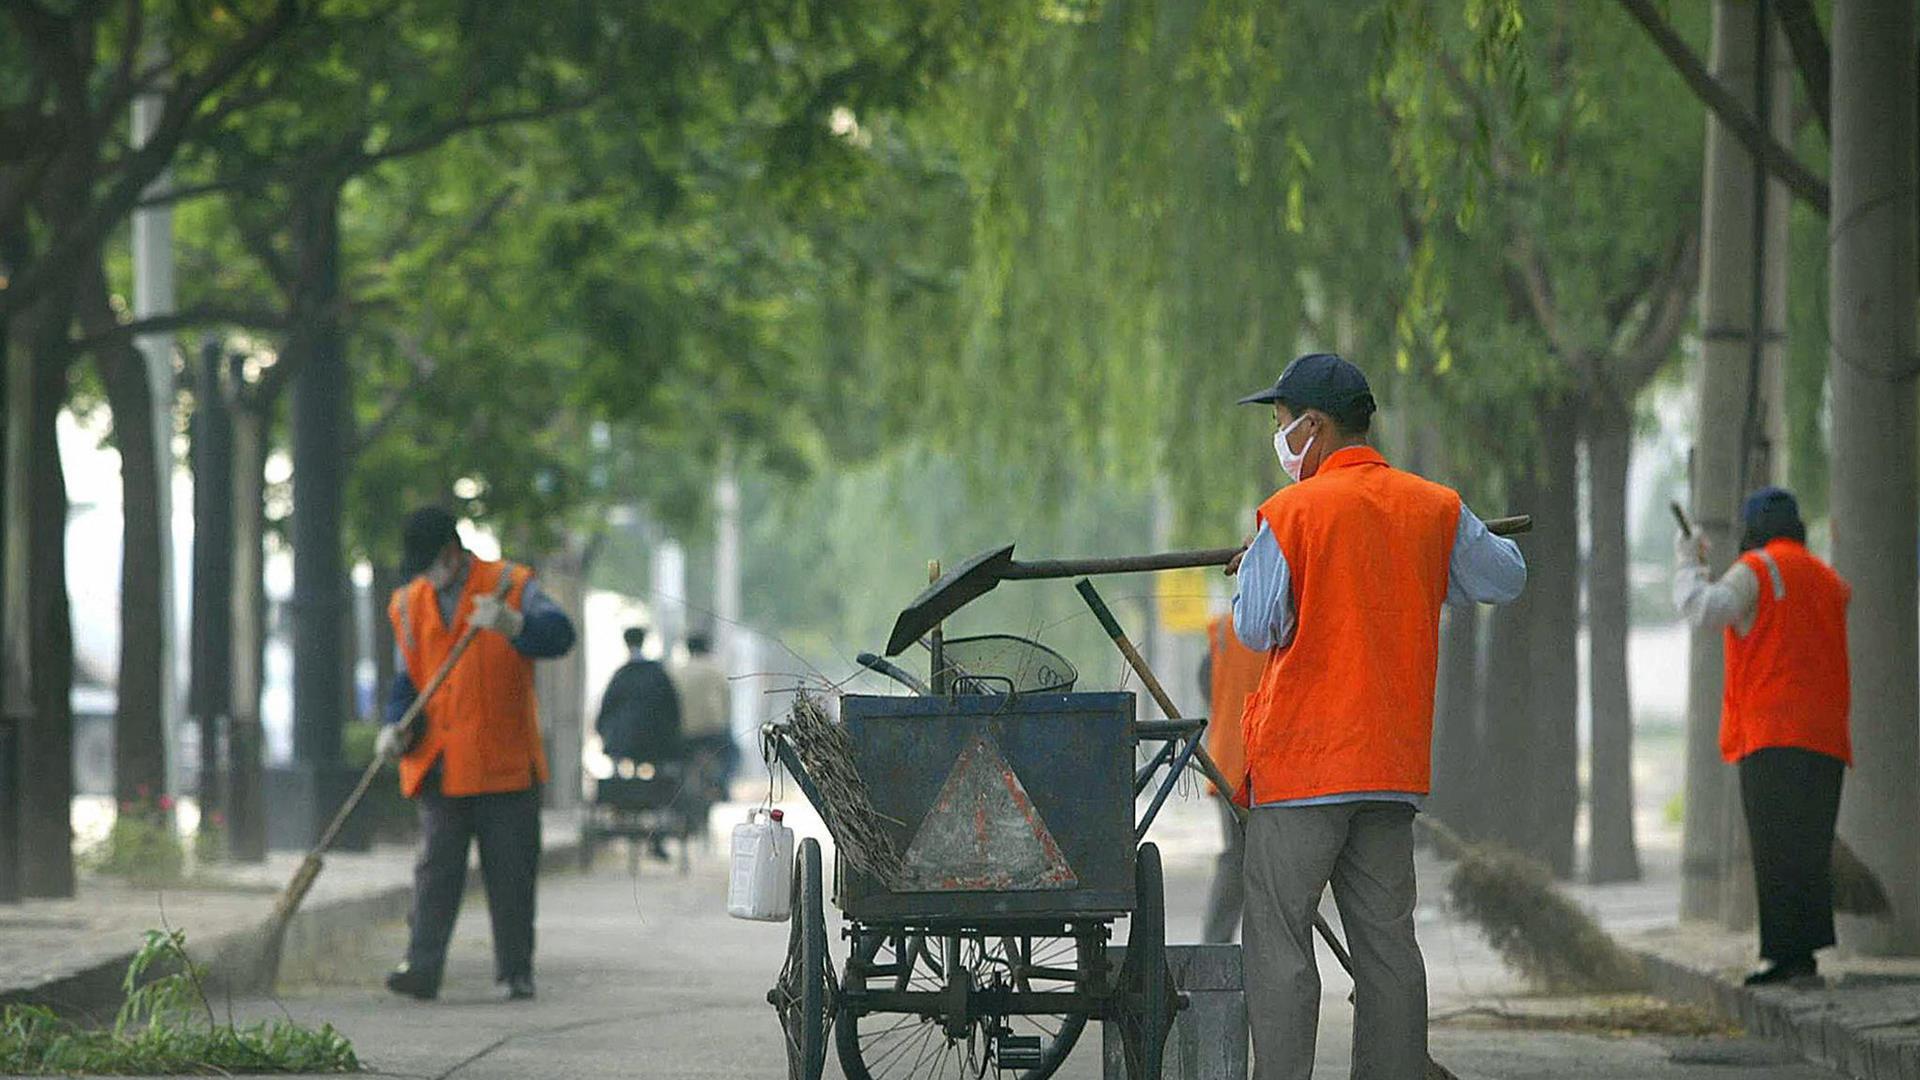 Reddito di Cittadinanza, è flop nei comuni: solo 4 su 100 lavorano per le amministrazioni comunali